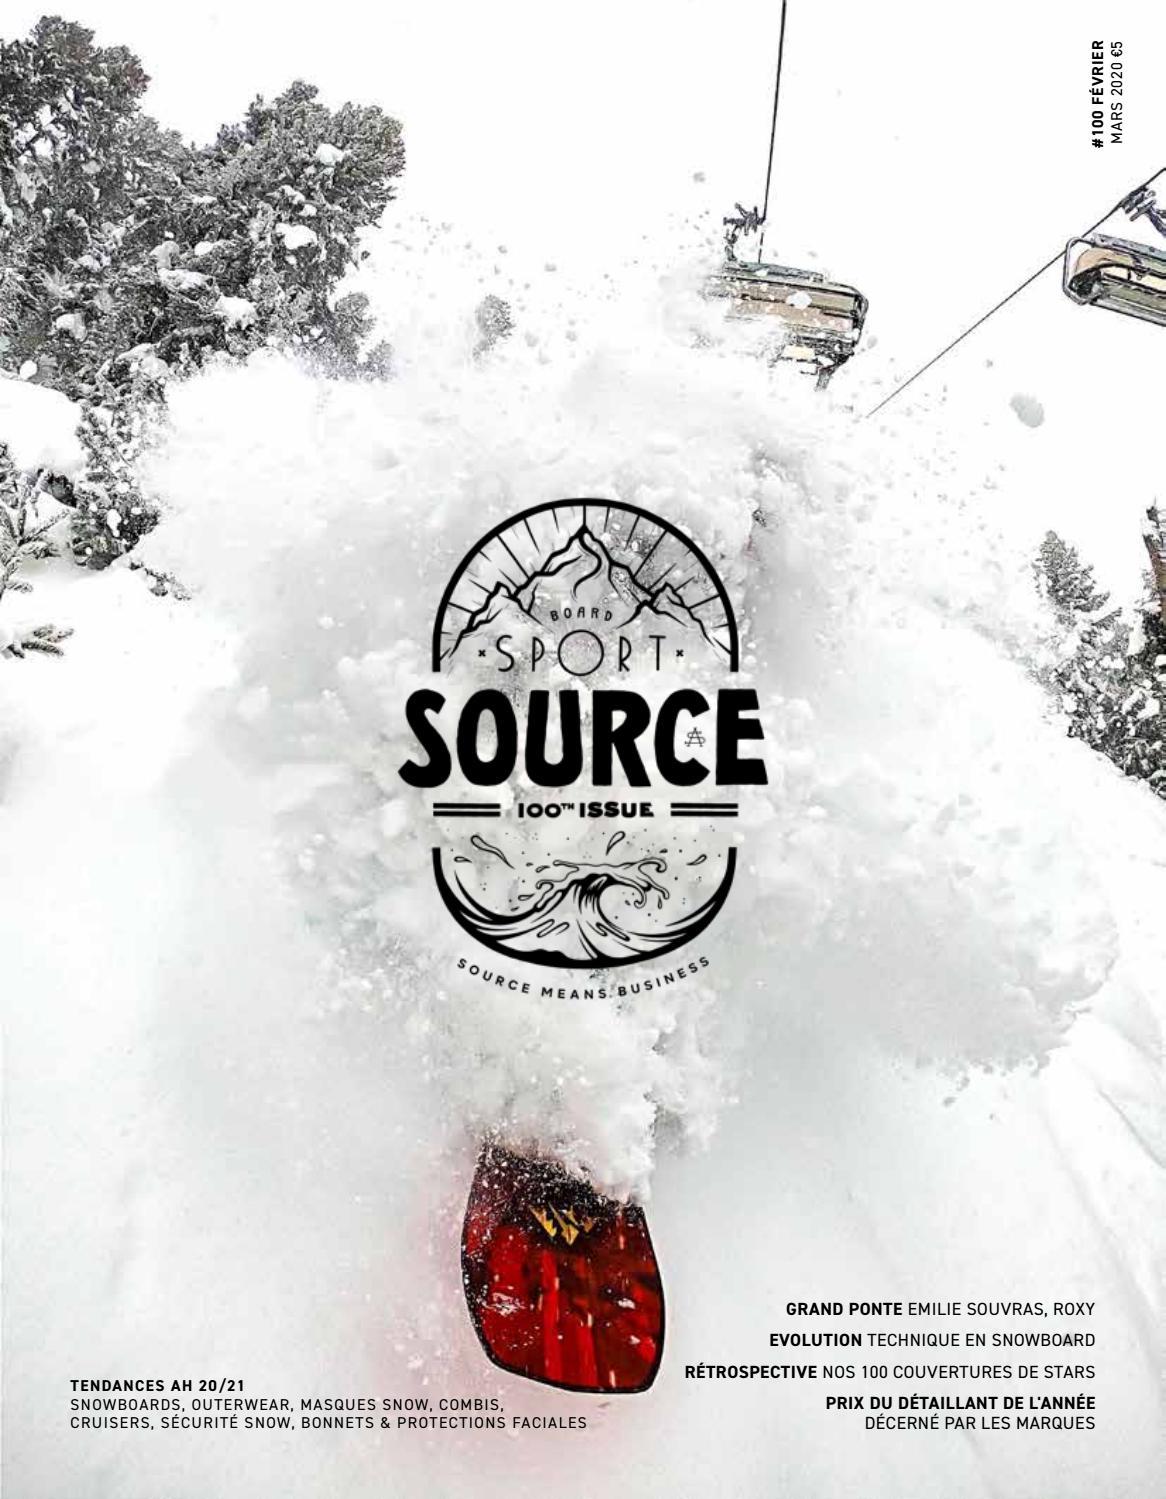 boardsport source issue 100 fevrier